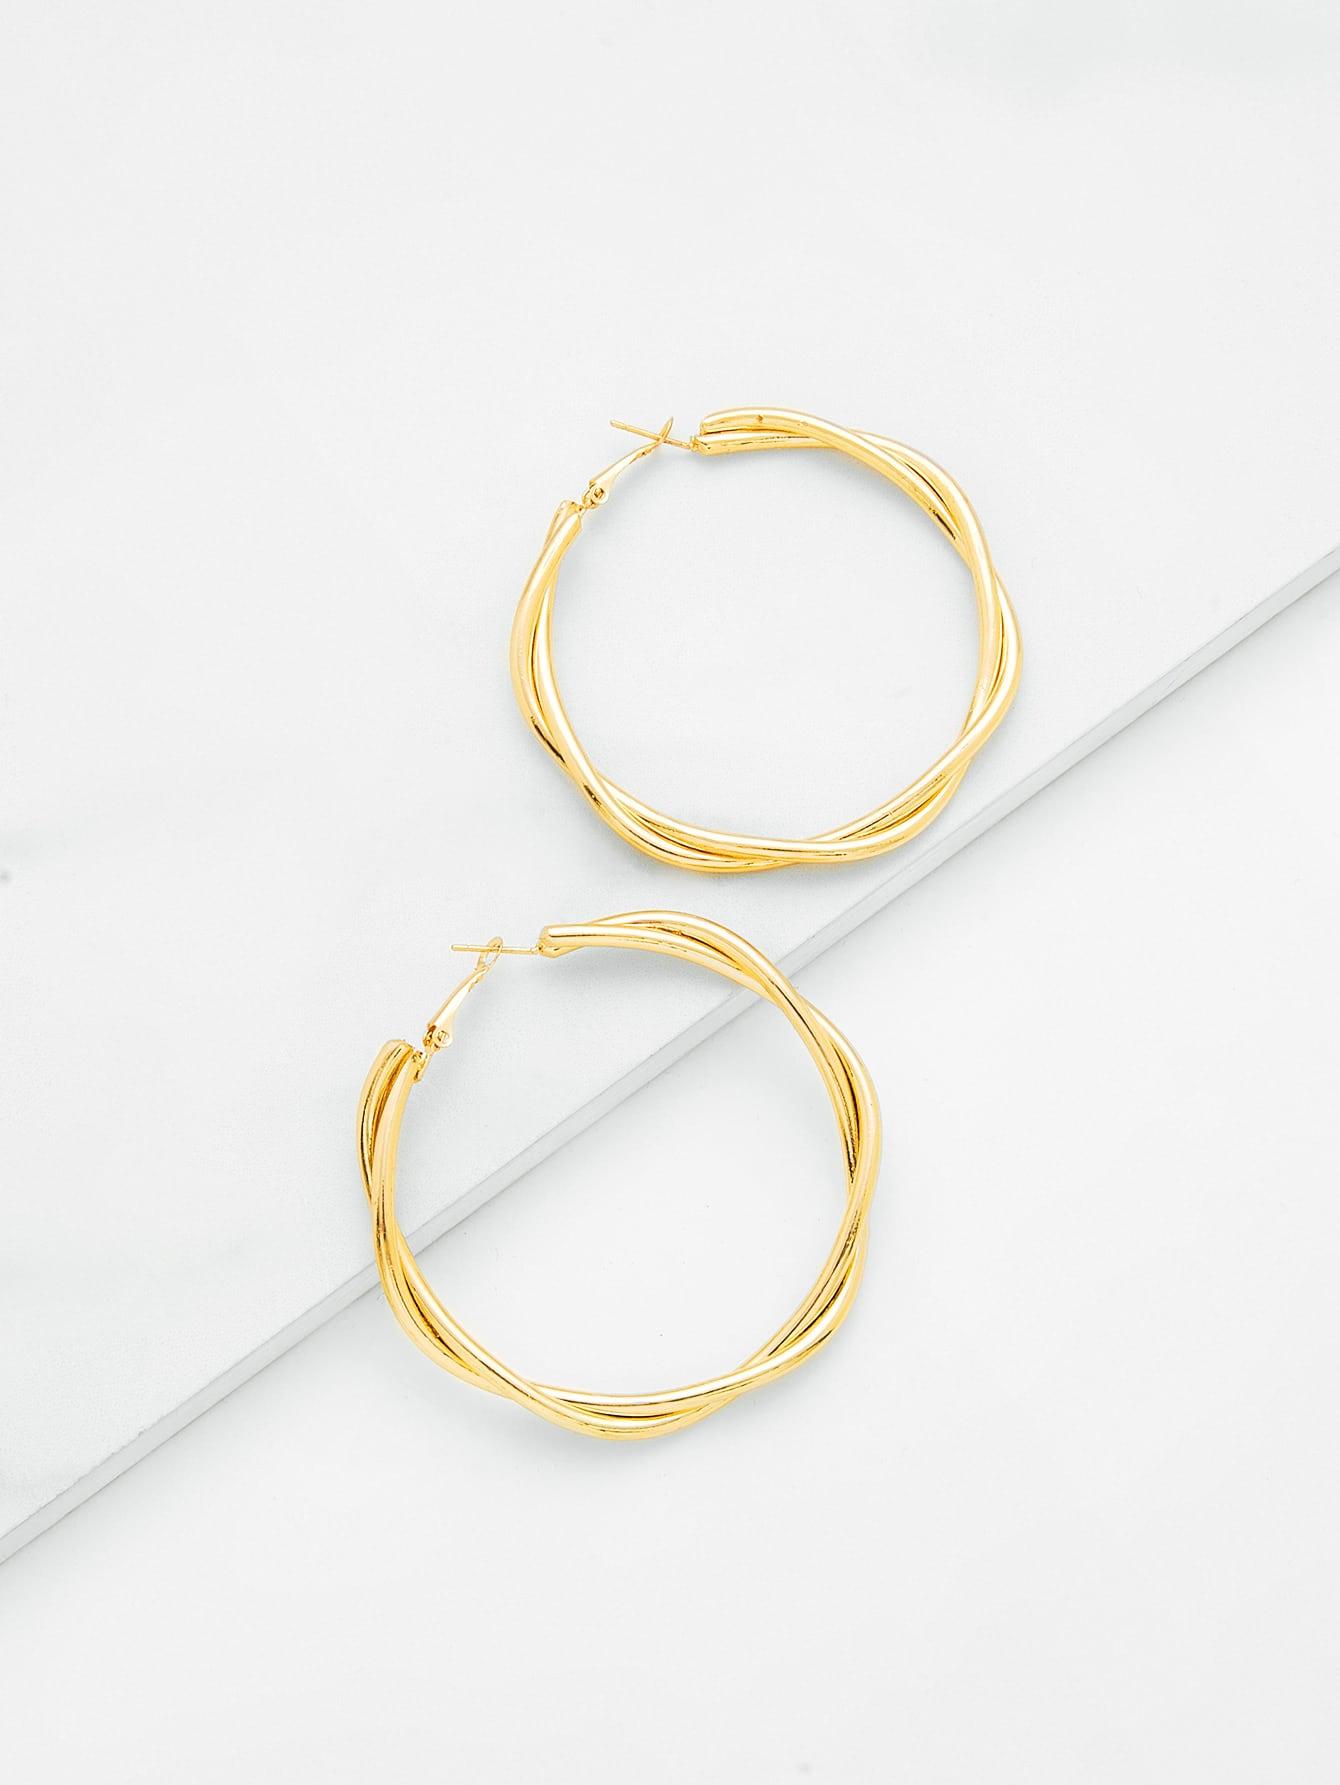 Layered Wrap Hoop Earrings layered wrap hoop earrings